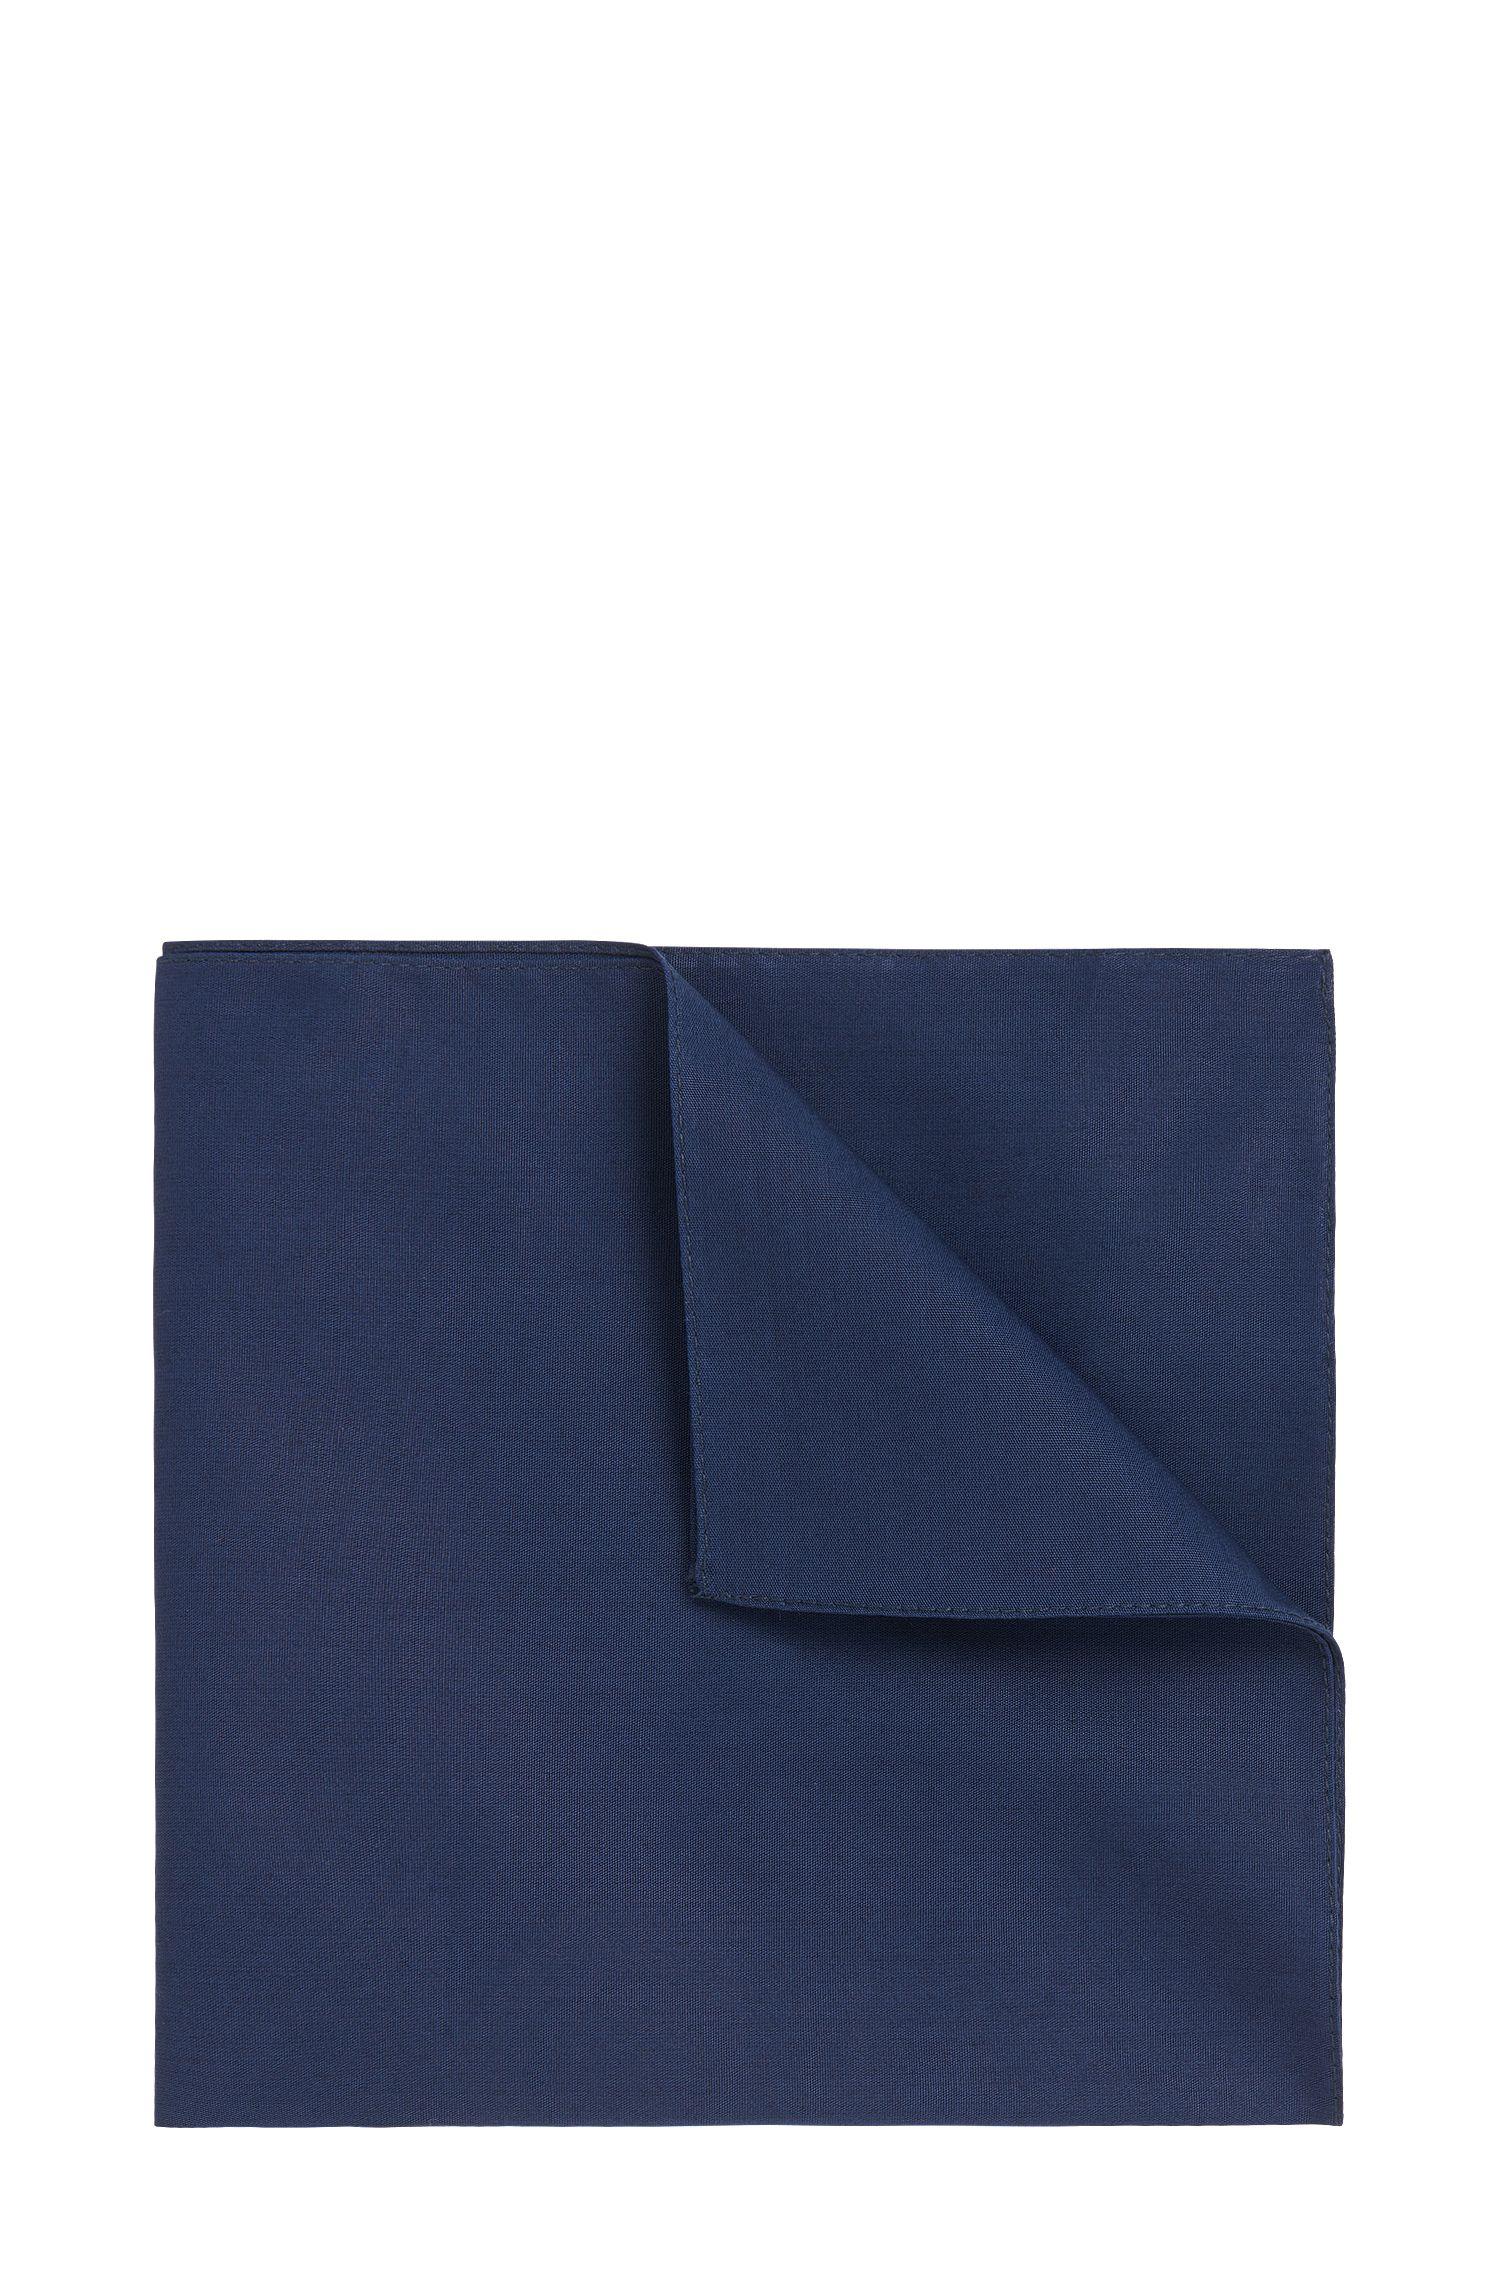 Pañuelo de bolsillo liso en puro algodón: 'Pocket square 33x33'